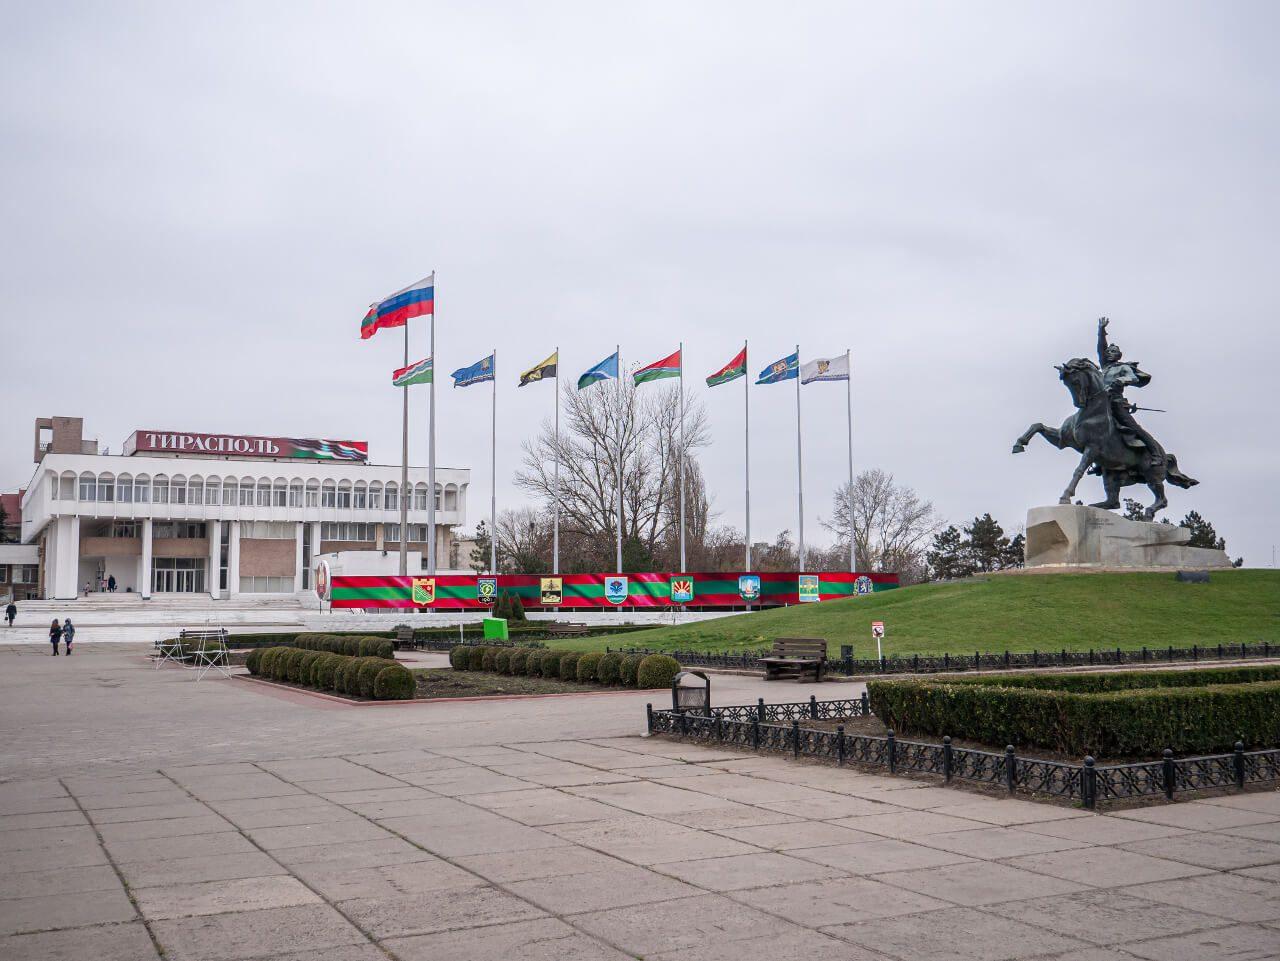 Pomnik Suworowa i flagi w Tyraspolu